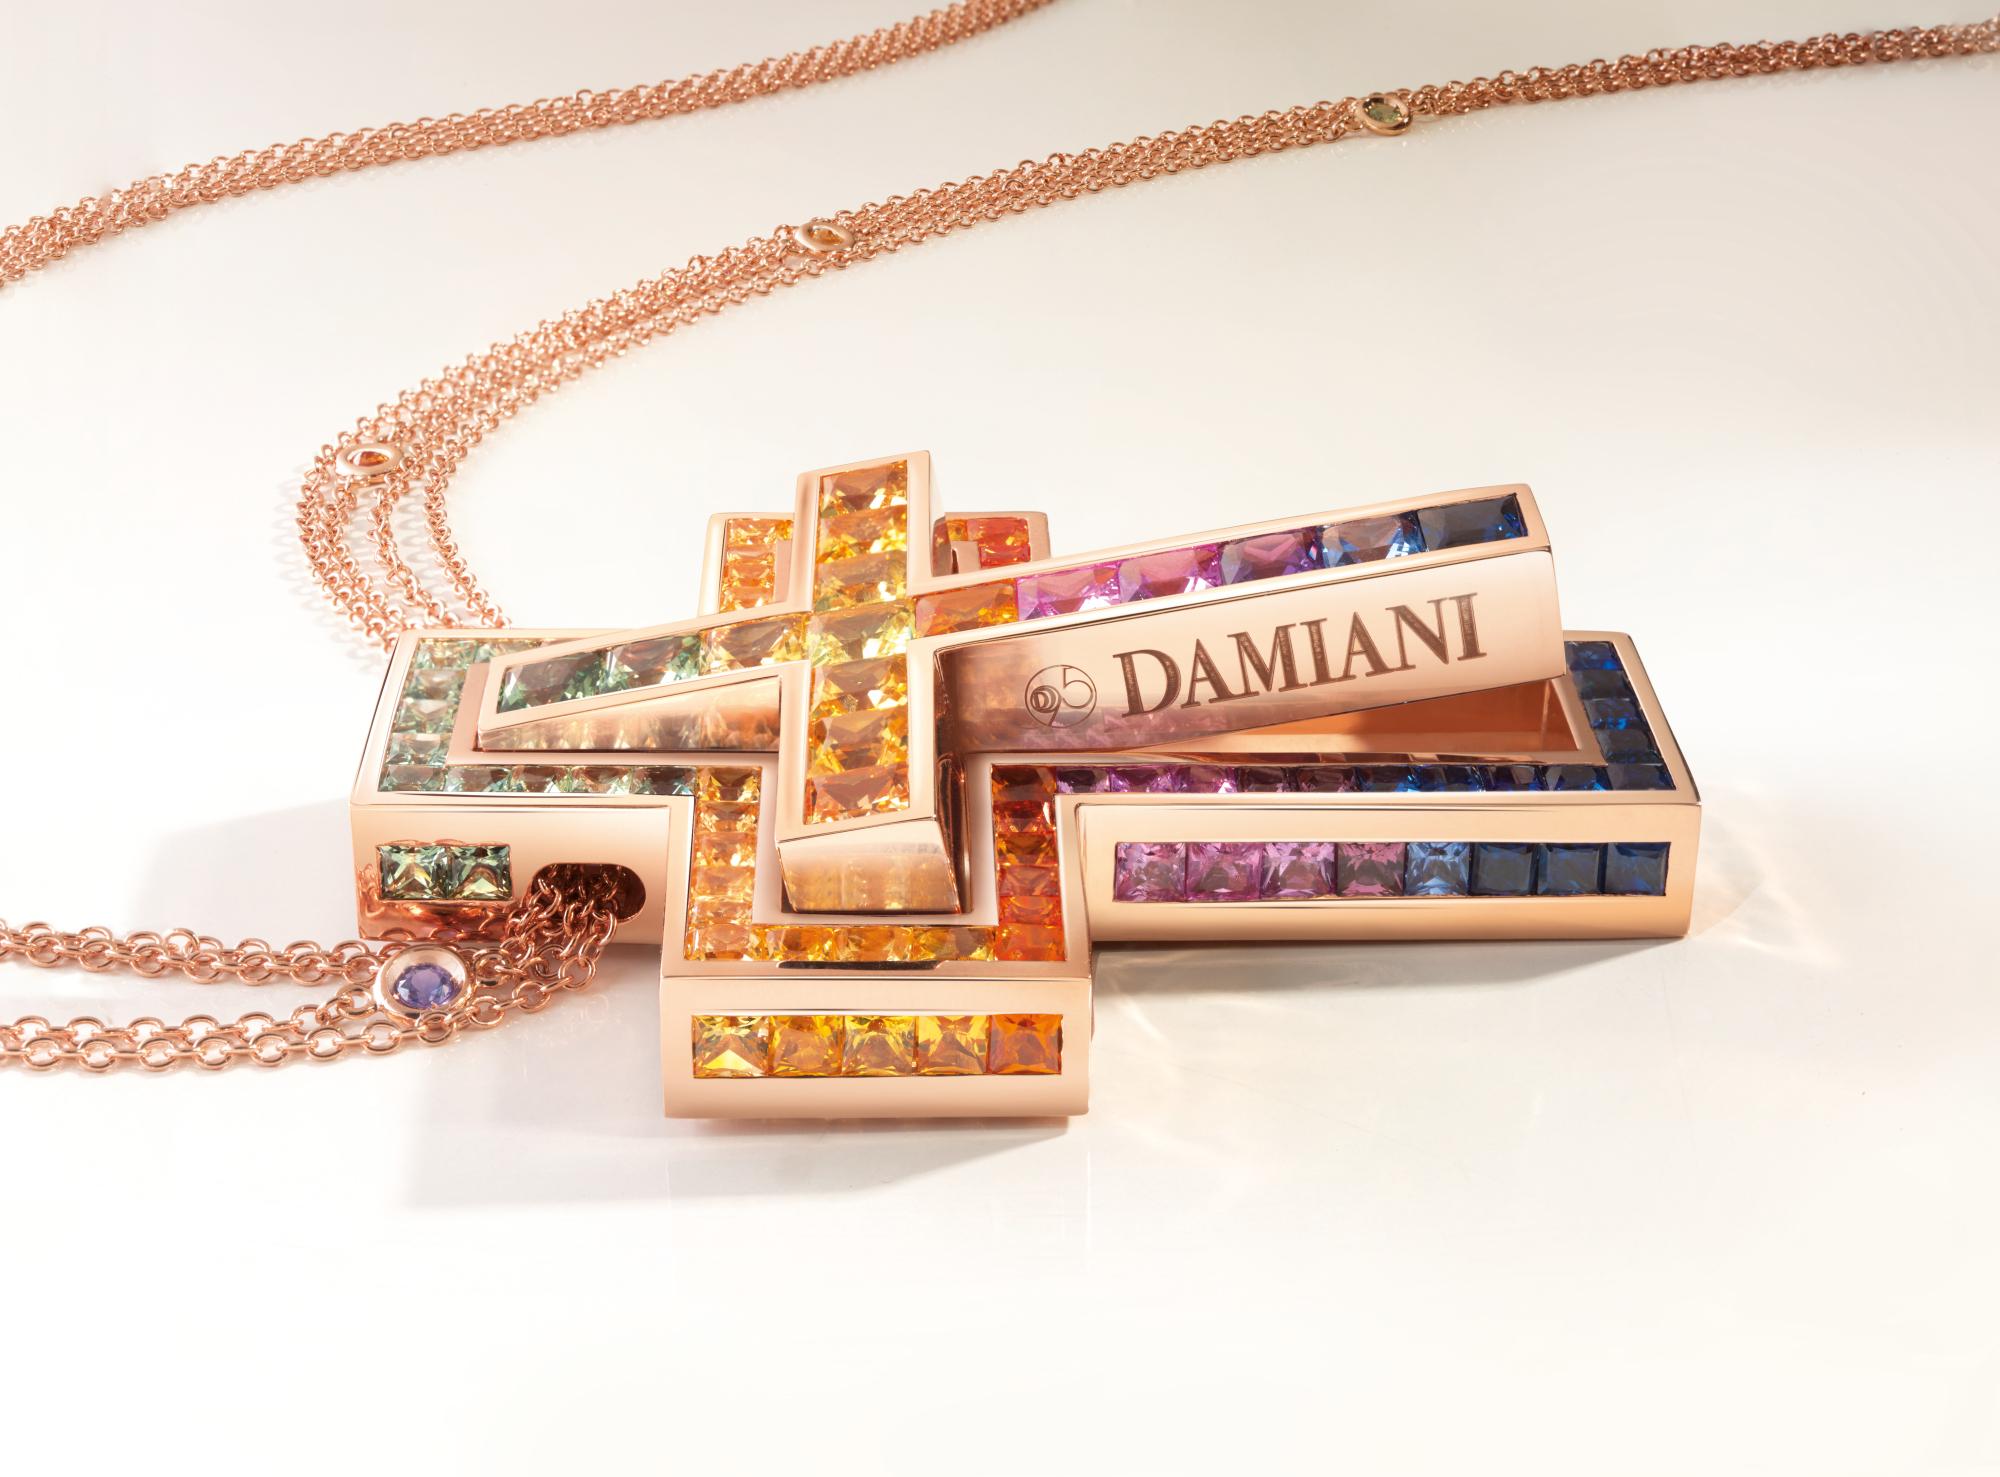 """坐拥18项""""珠宝界的奥斯卡""""!意大利百年珠宝集团 Damiani 的CEO接受《华丽志》独家专访"""